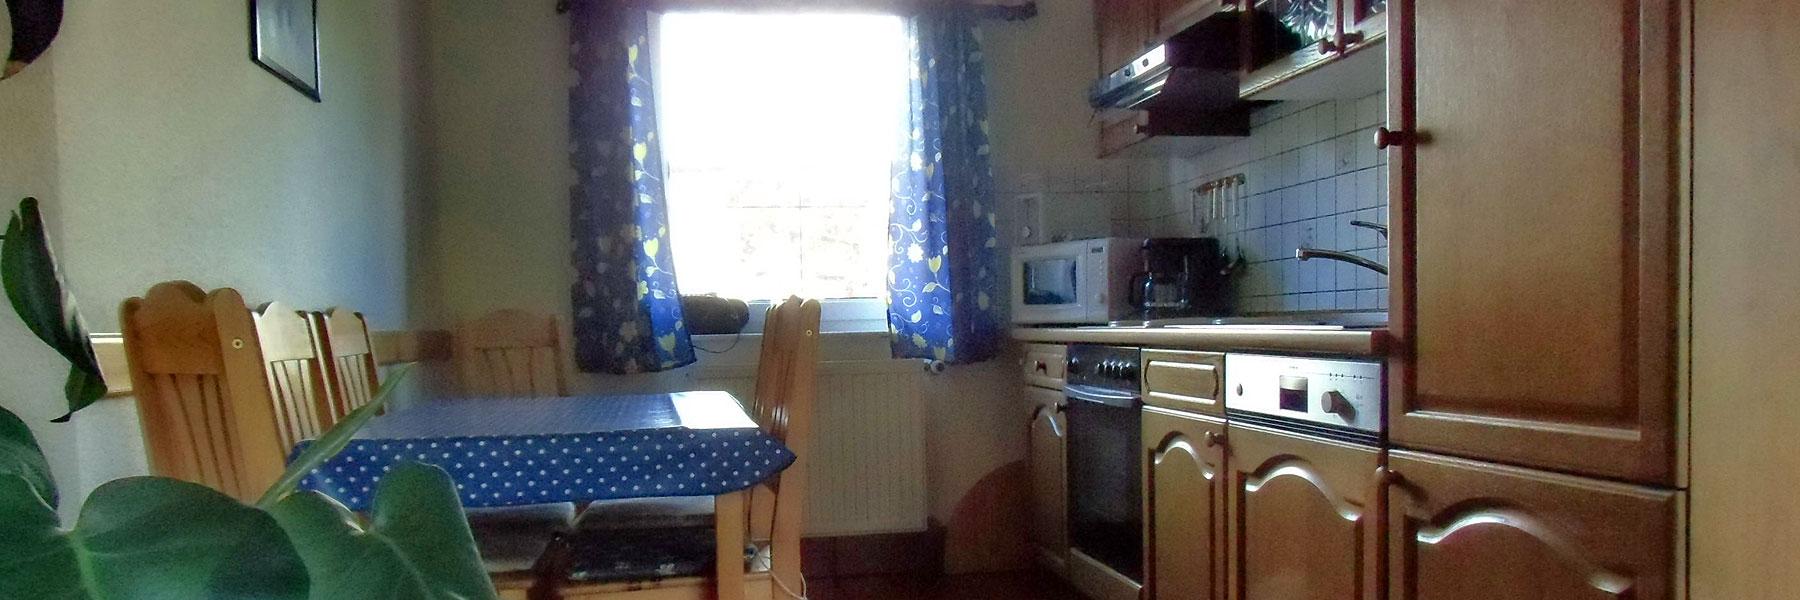 Küche - Ferienhof Dinse